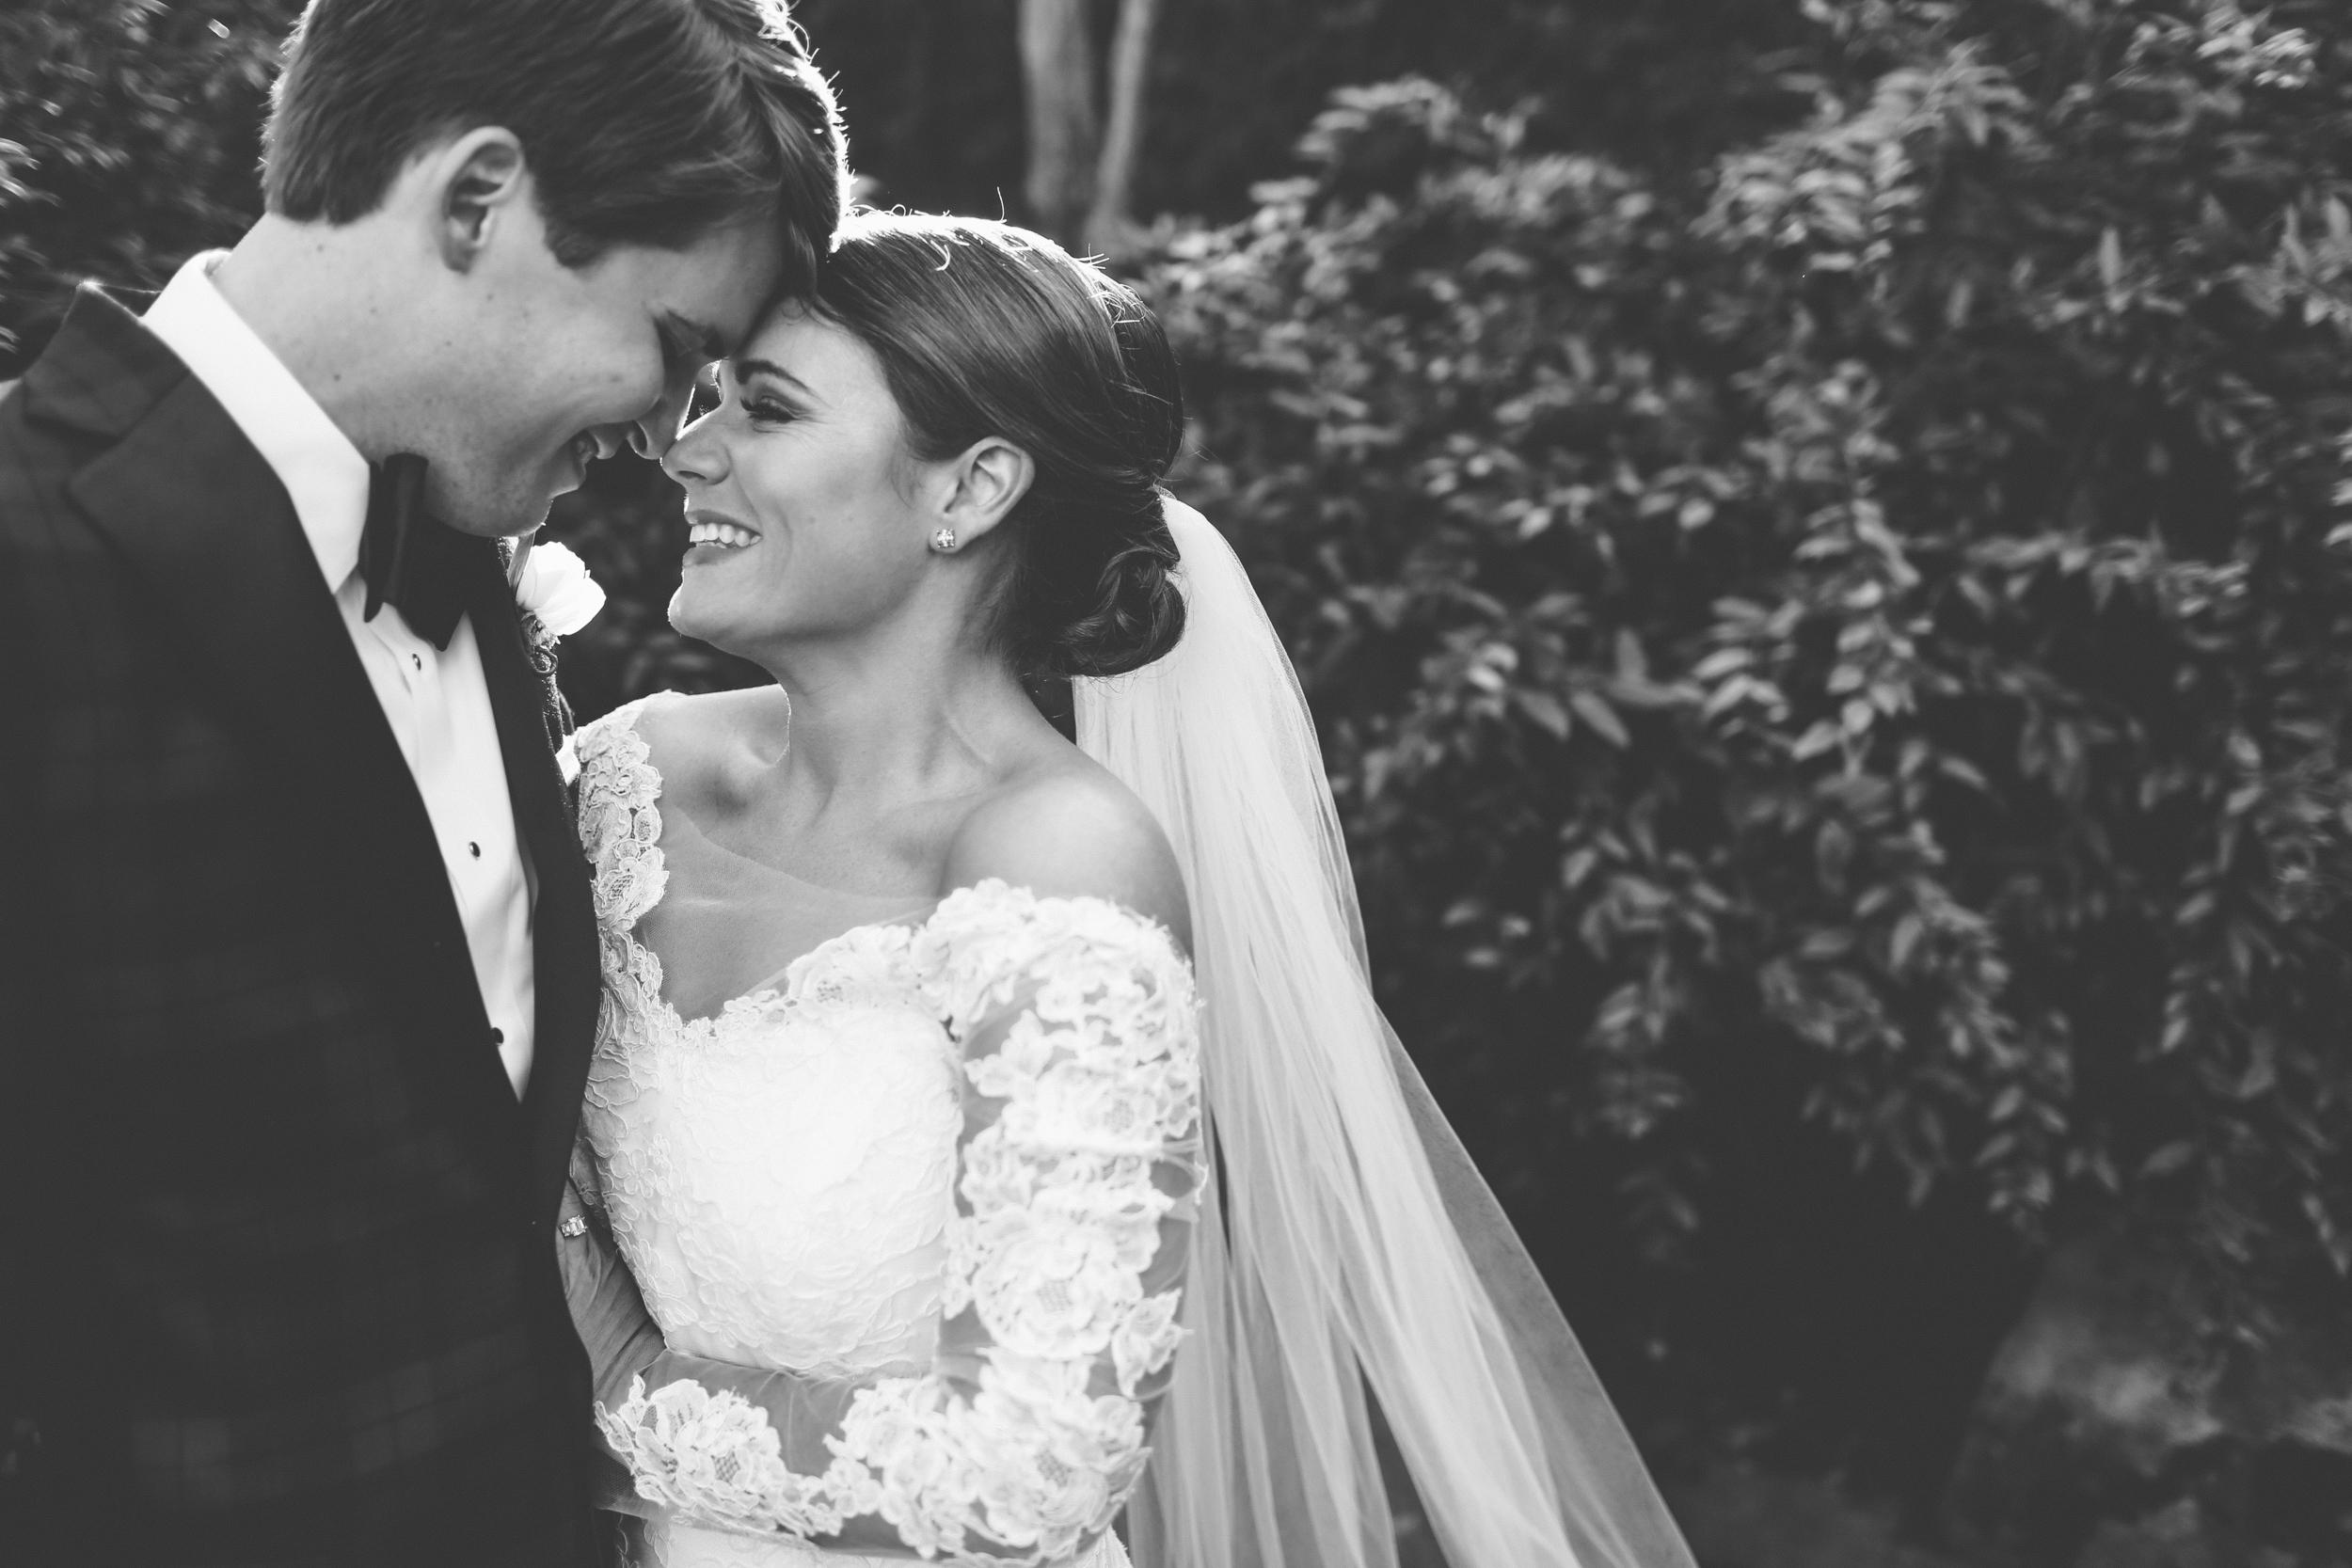 Kuhlke_wedding-276.jpg